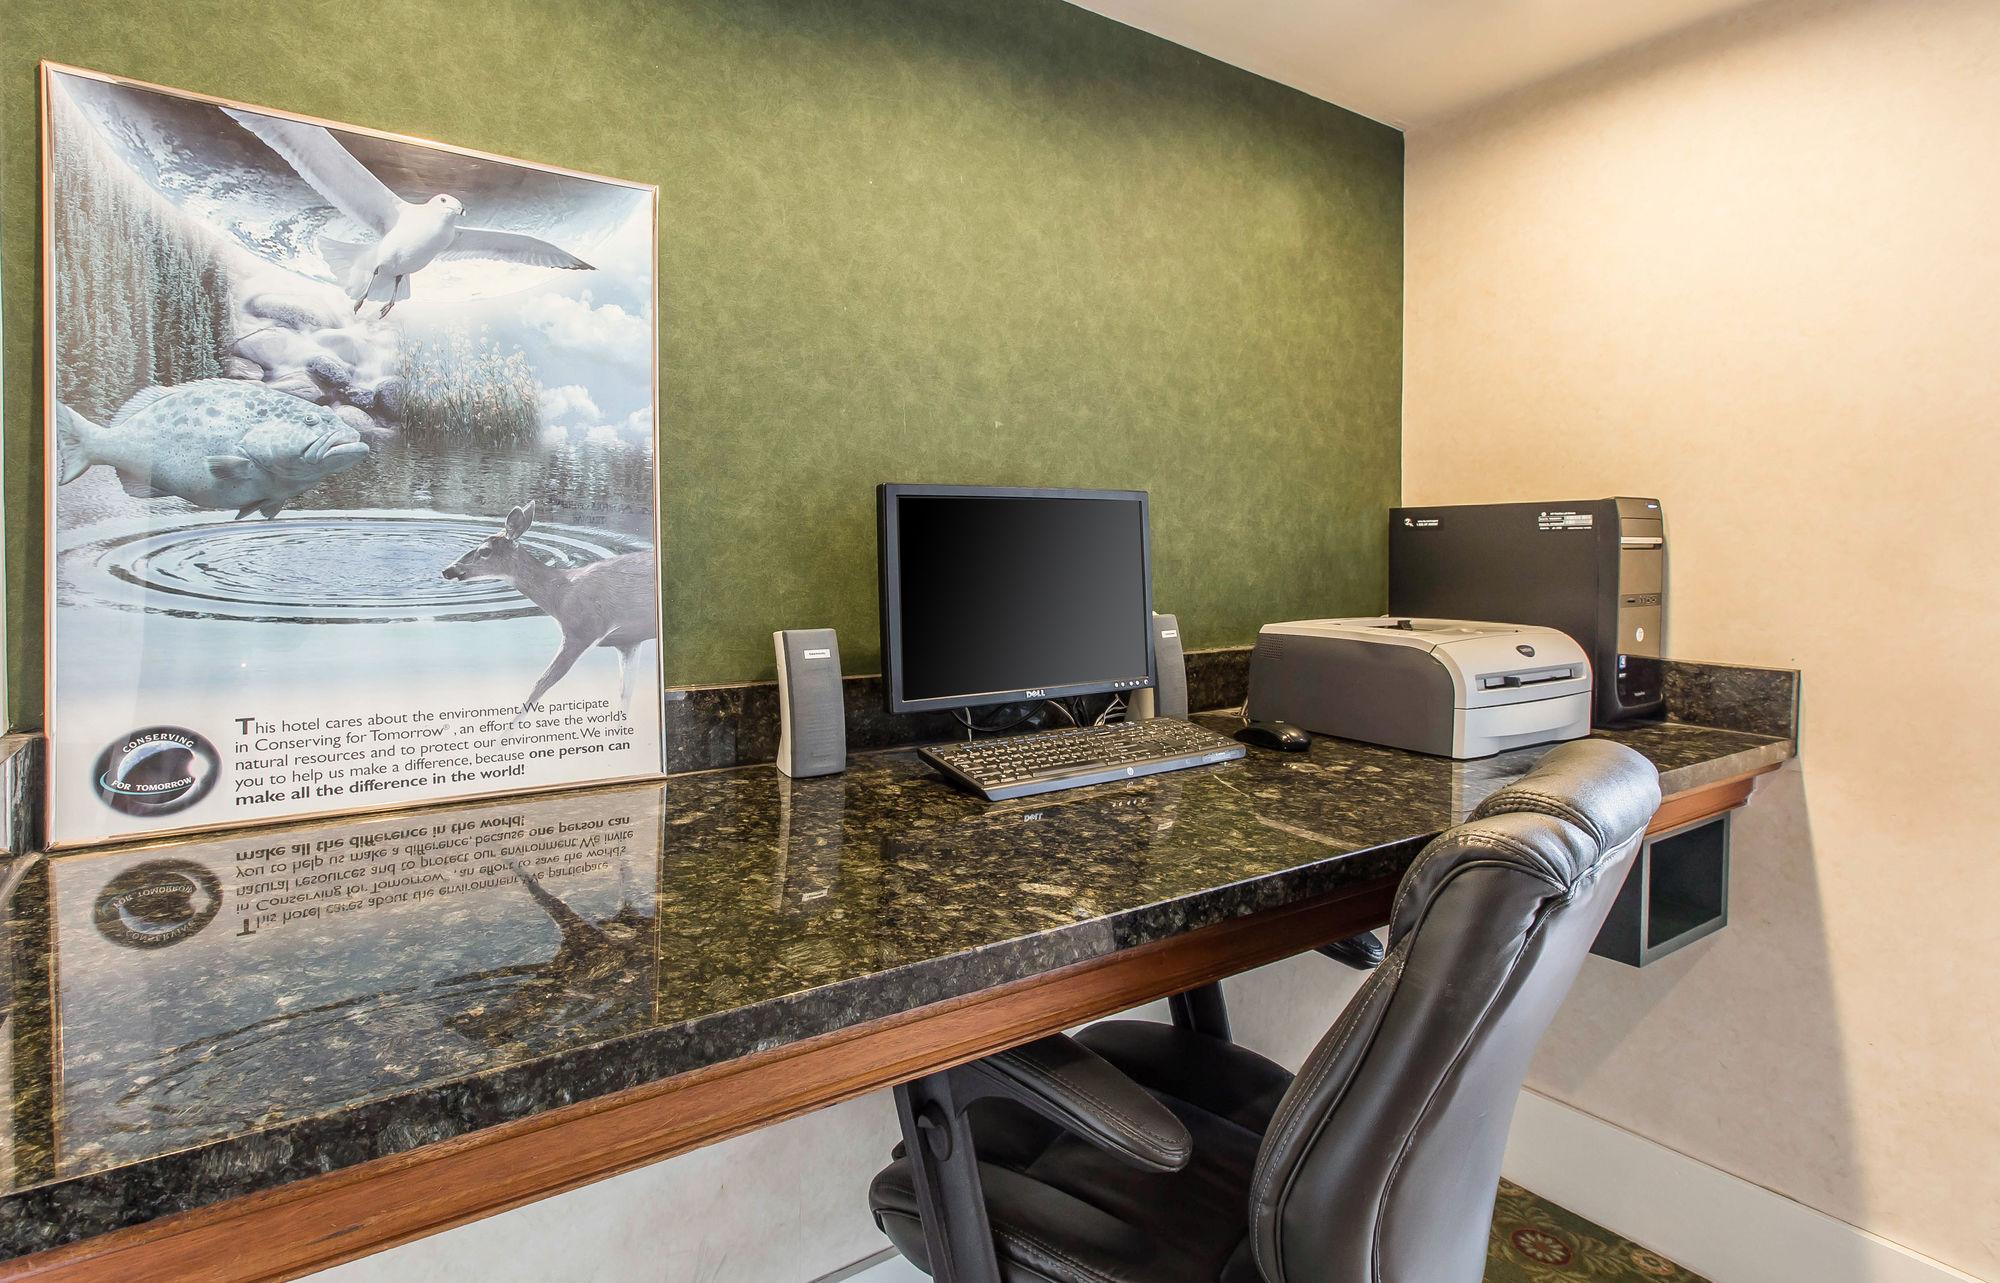 Quality Inn & Suites in McDonough, GA